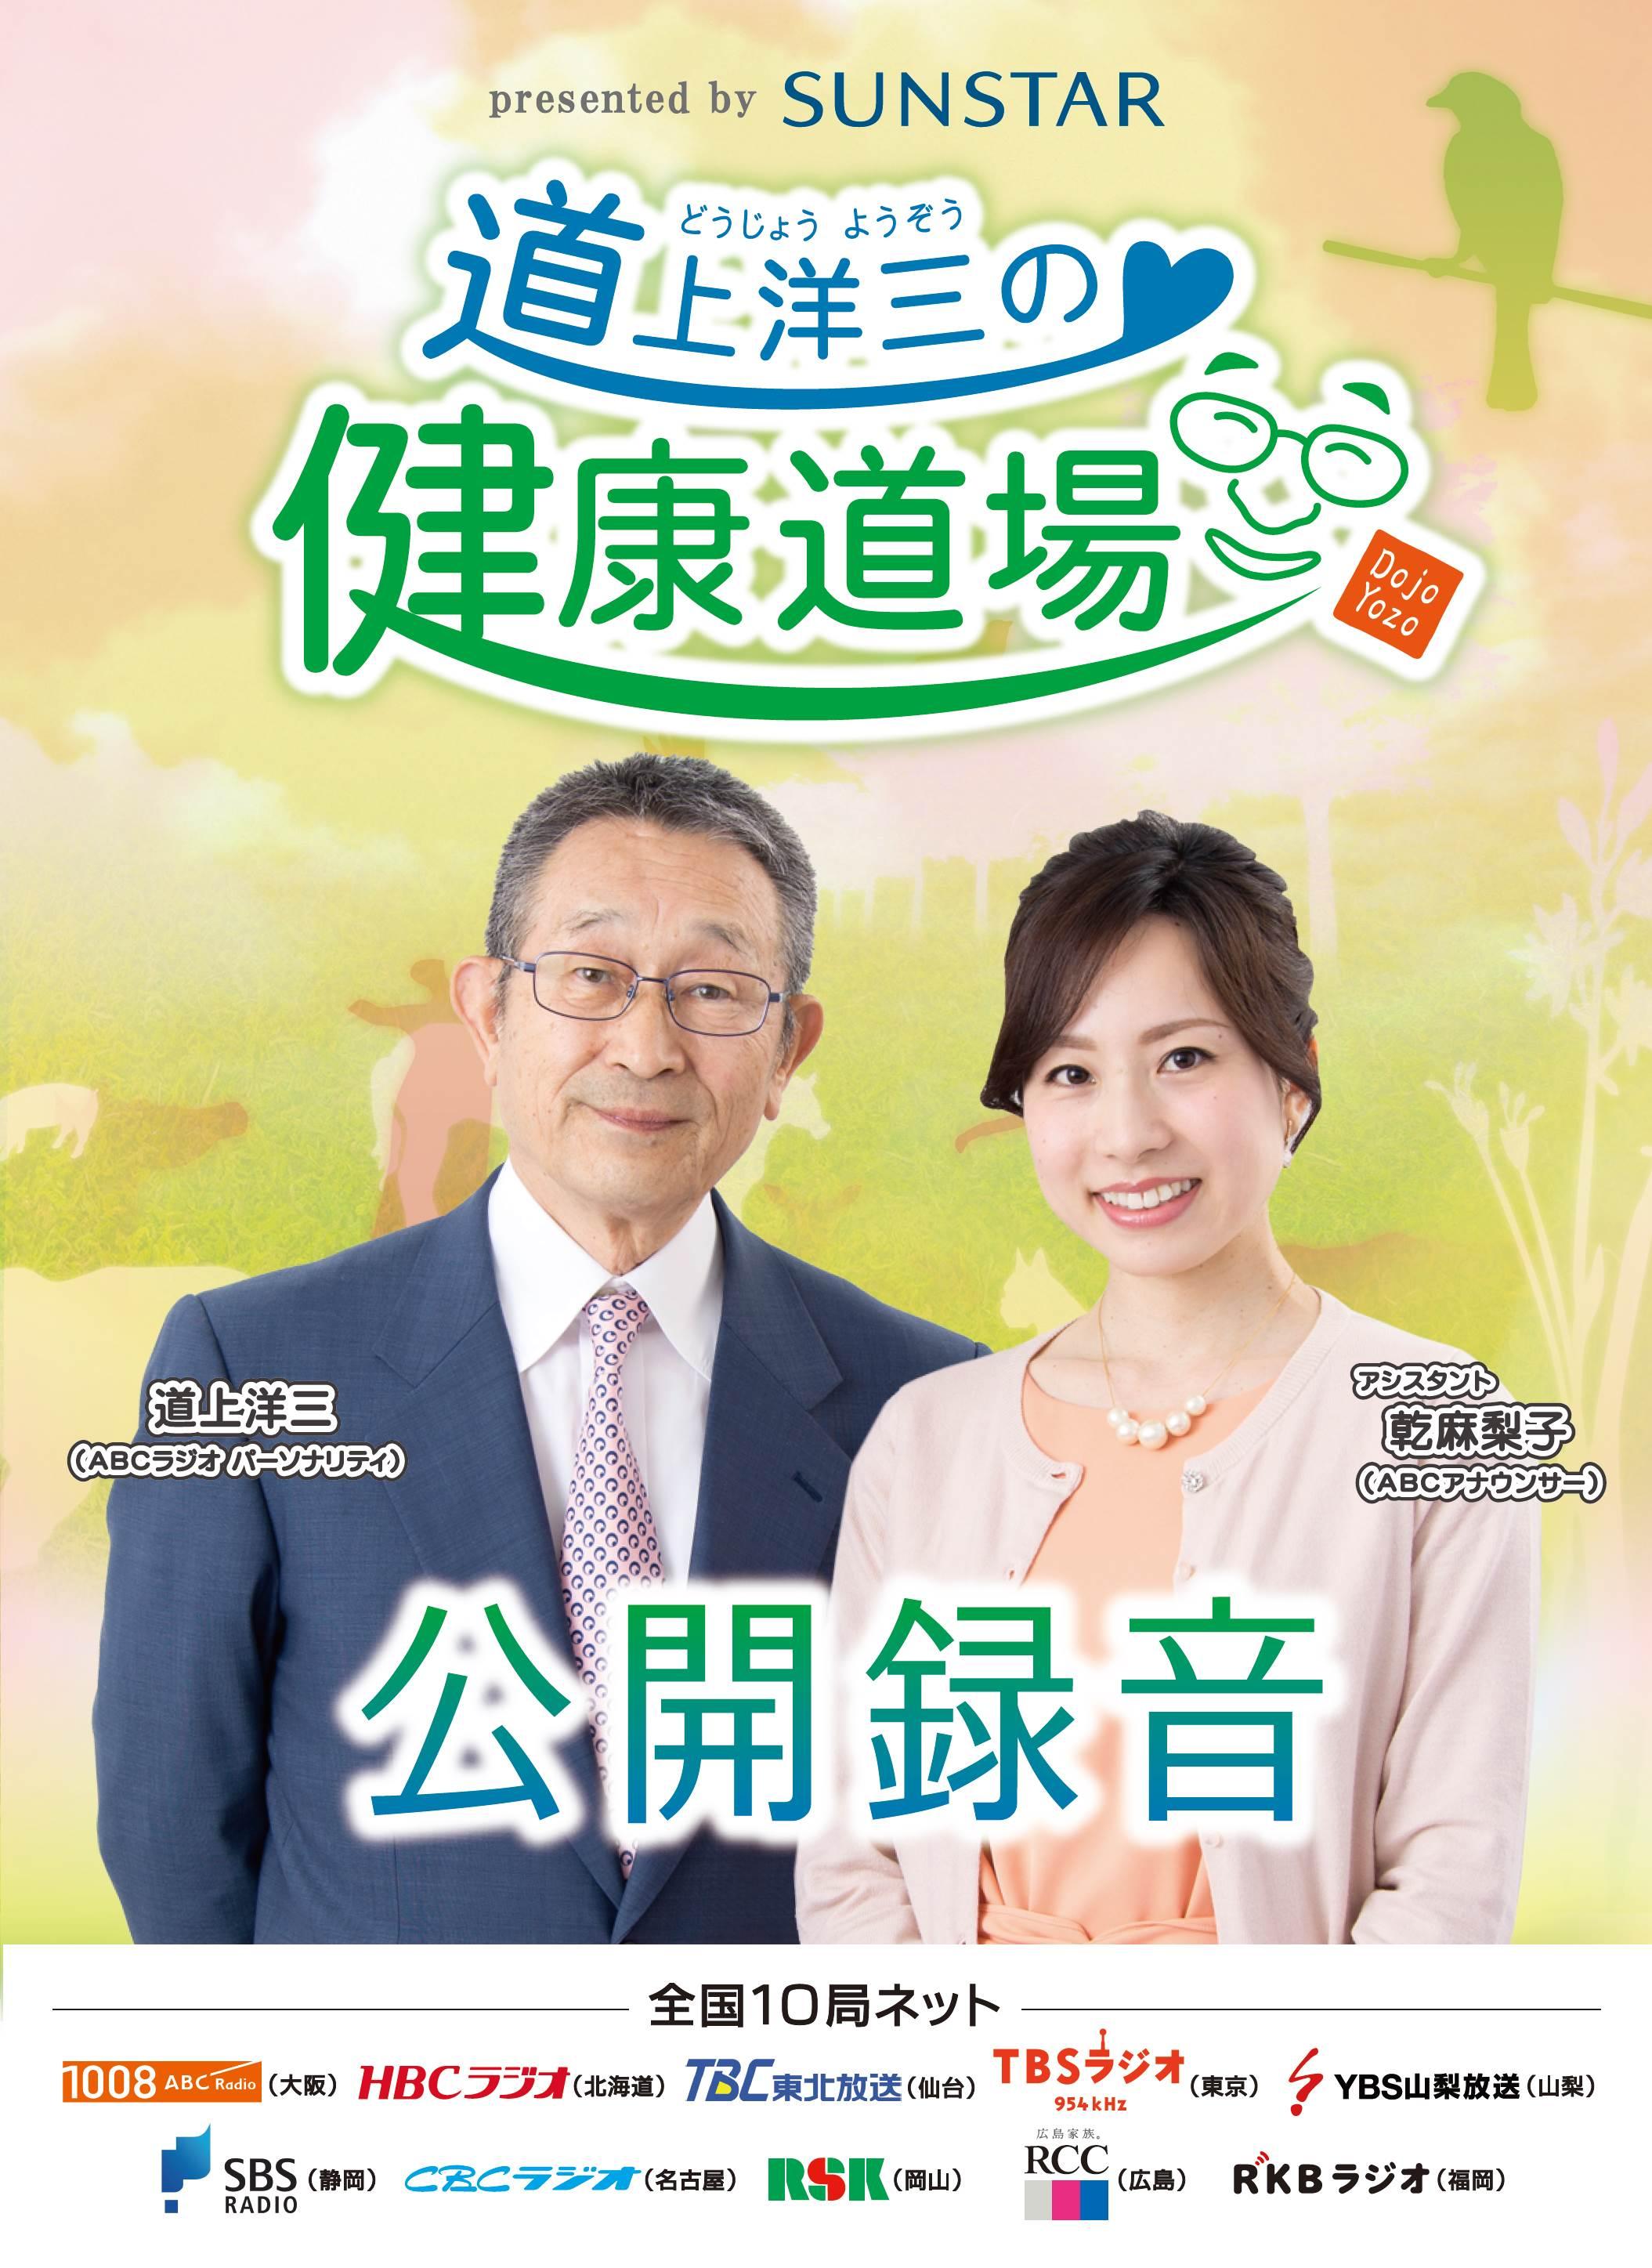 2月26日(日)「道上洋三の健康道場」 公開収録